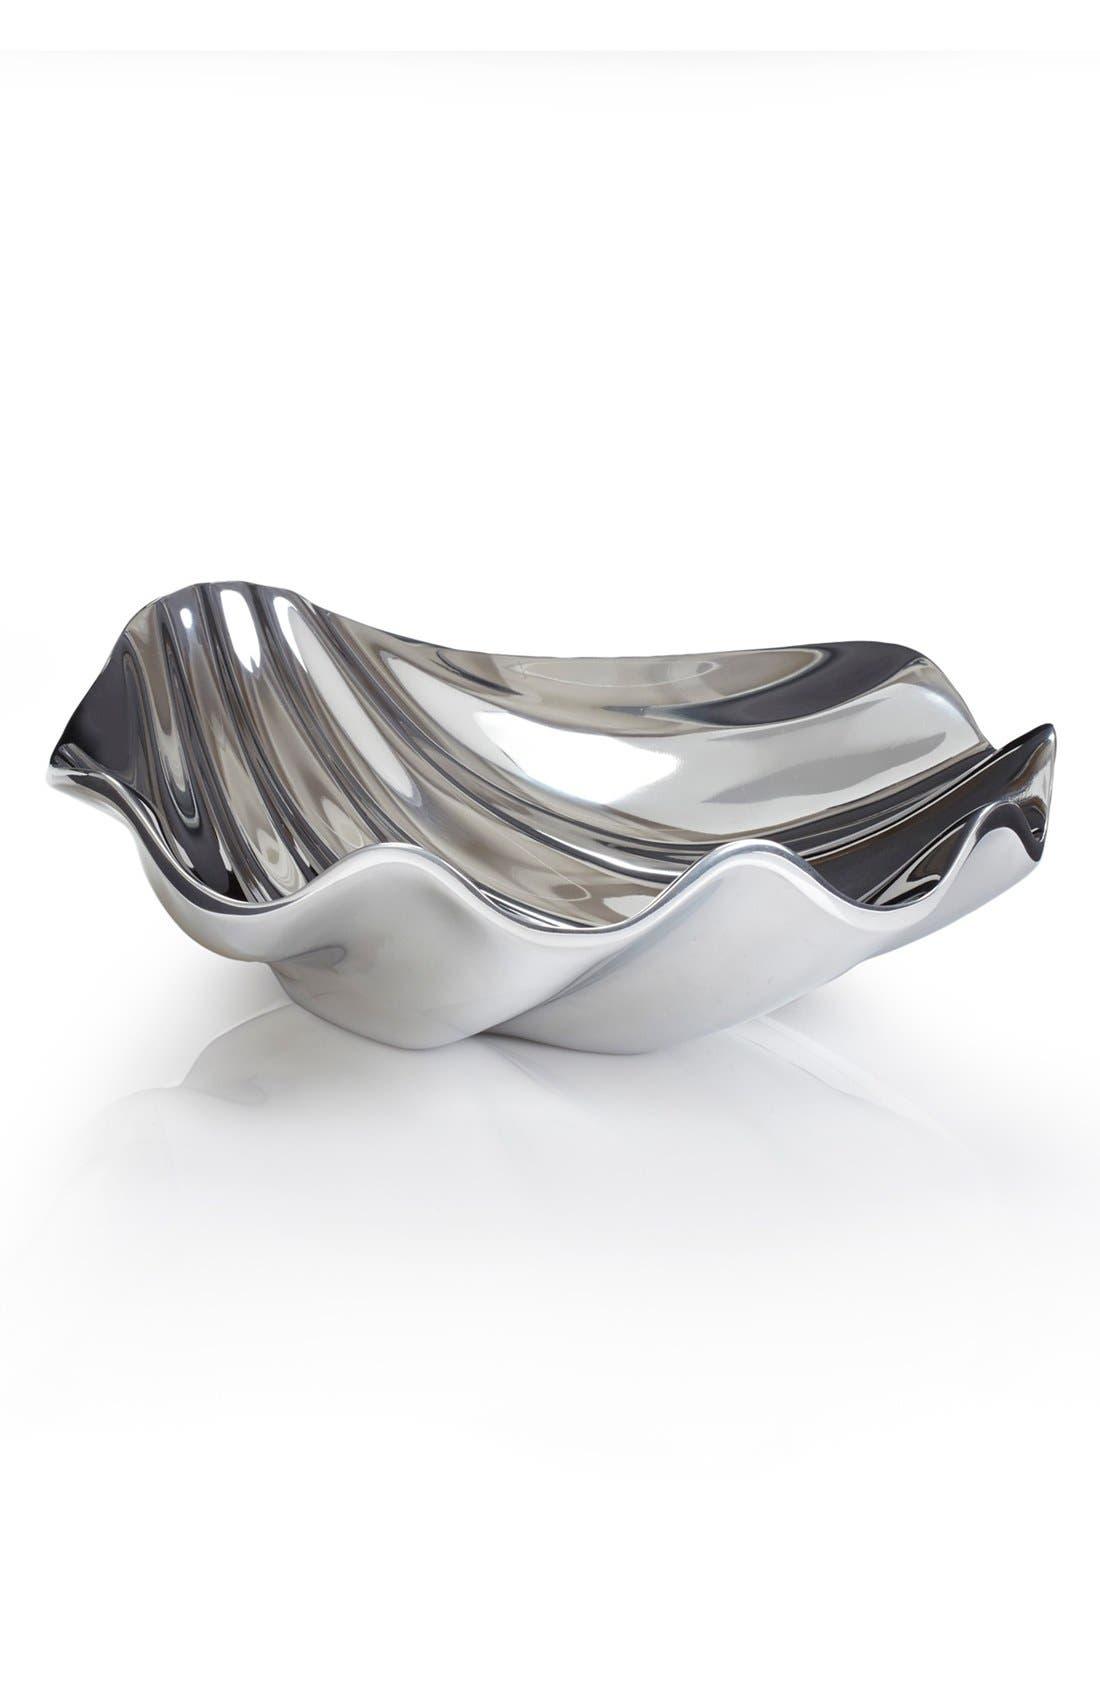 Main Image - Nambé 'Oceana' Seashell Bowl